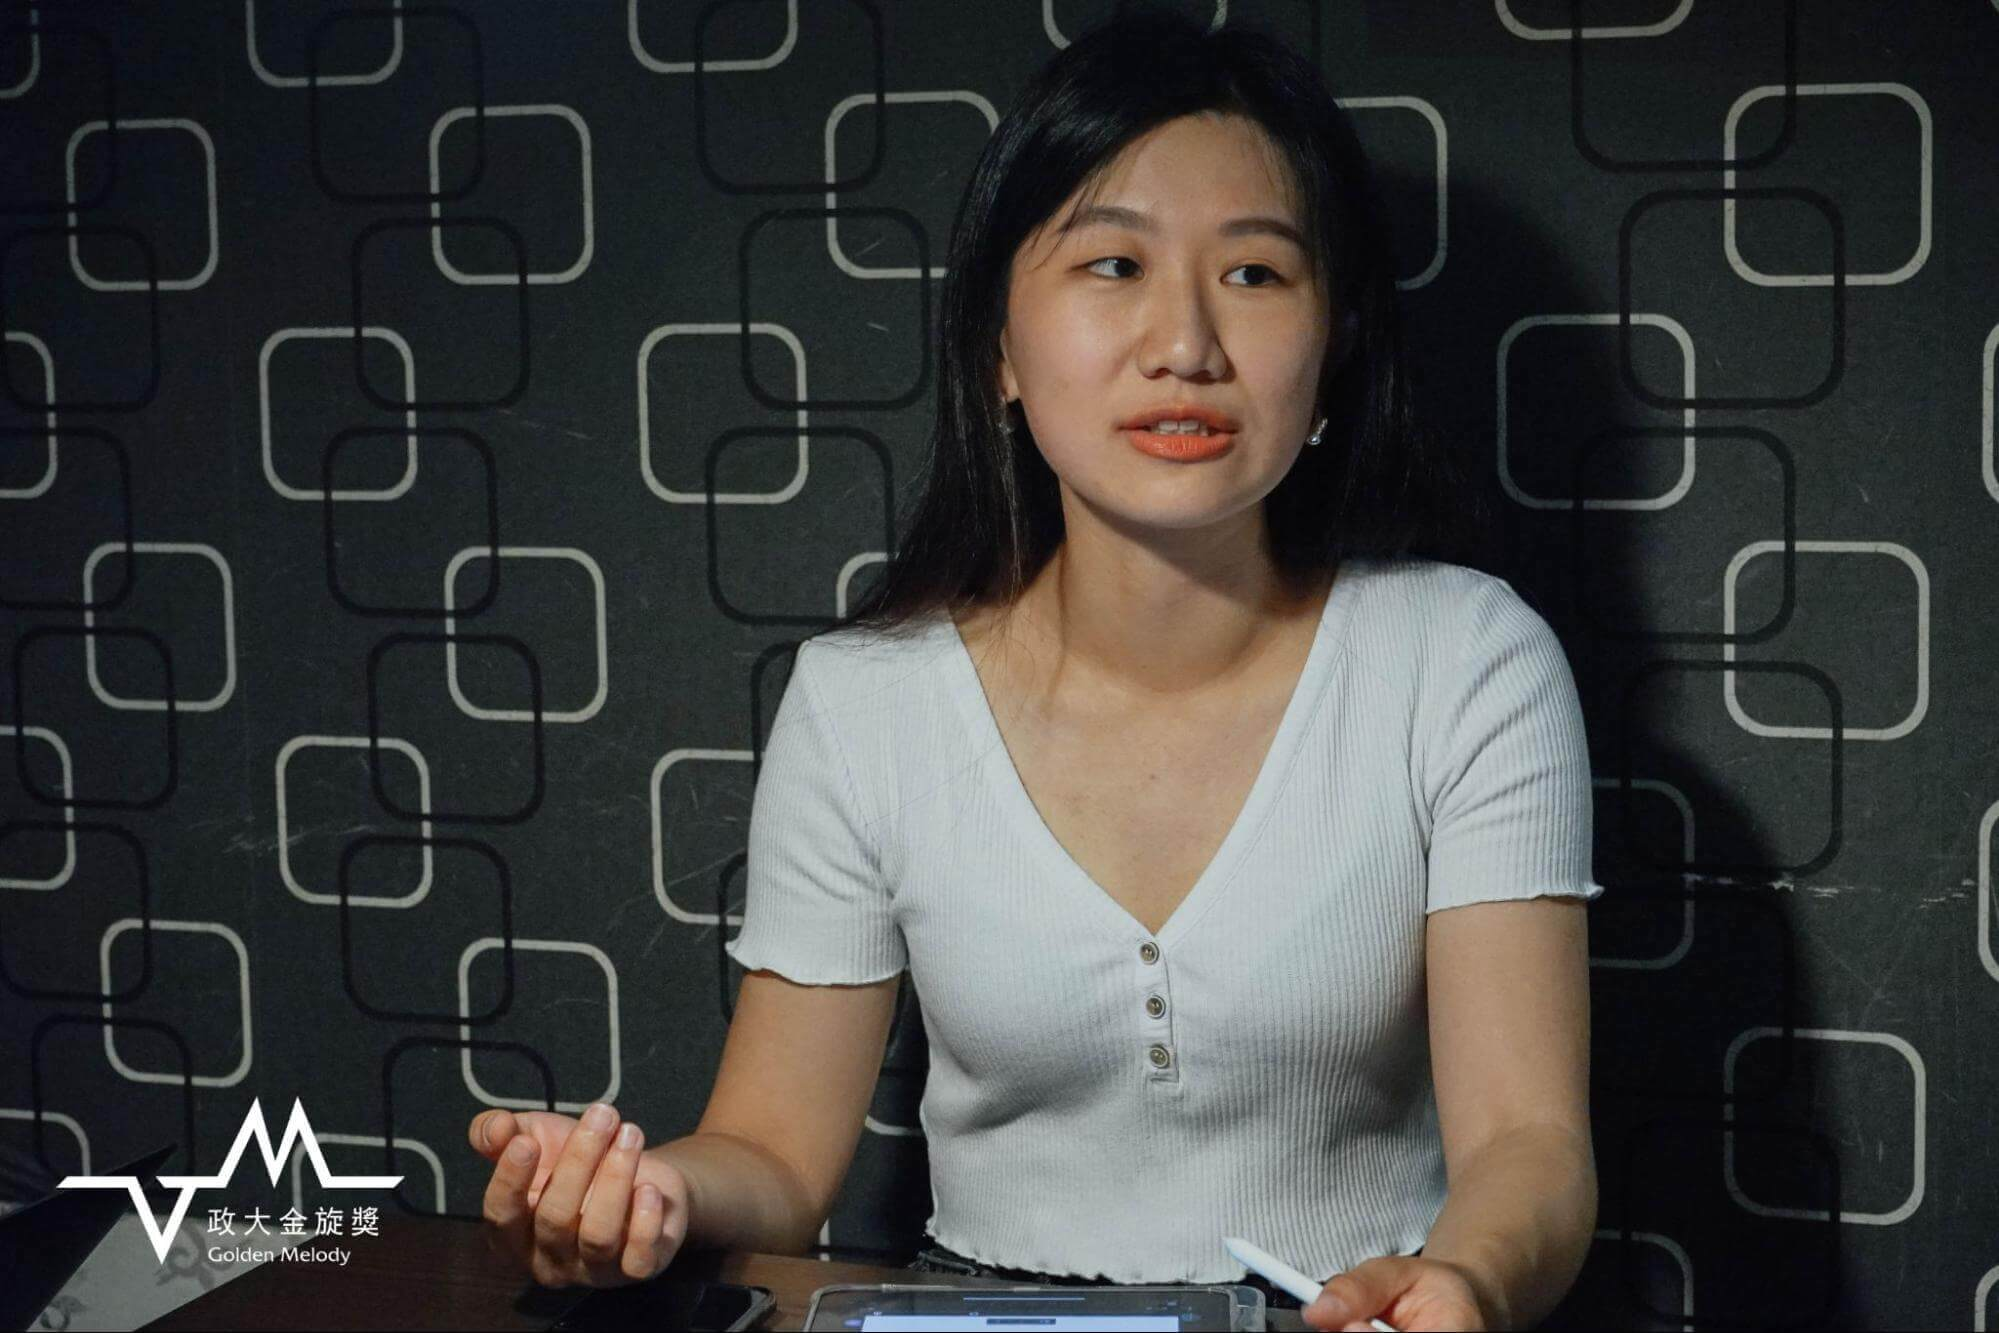 〈午夜狂歡〉 導演李莉婷